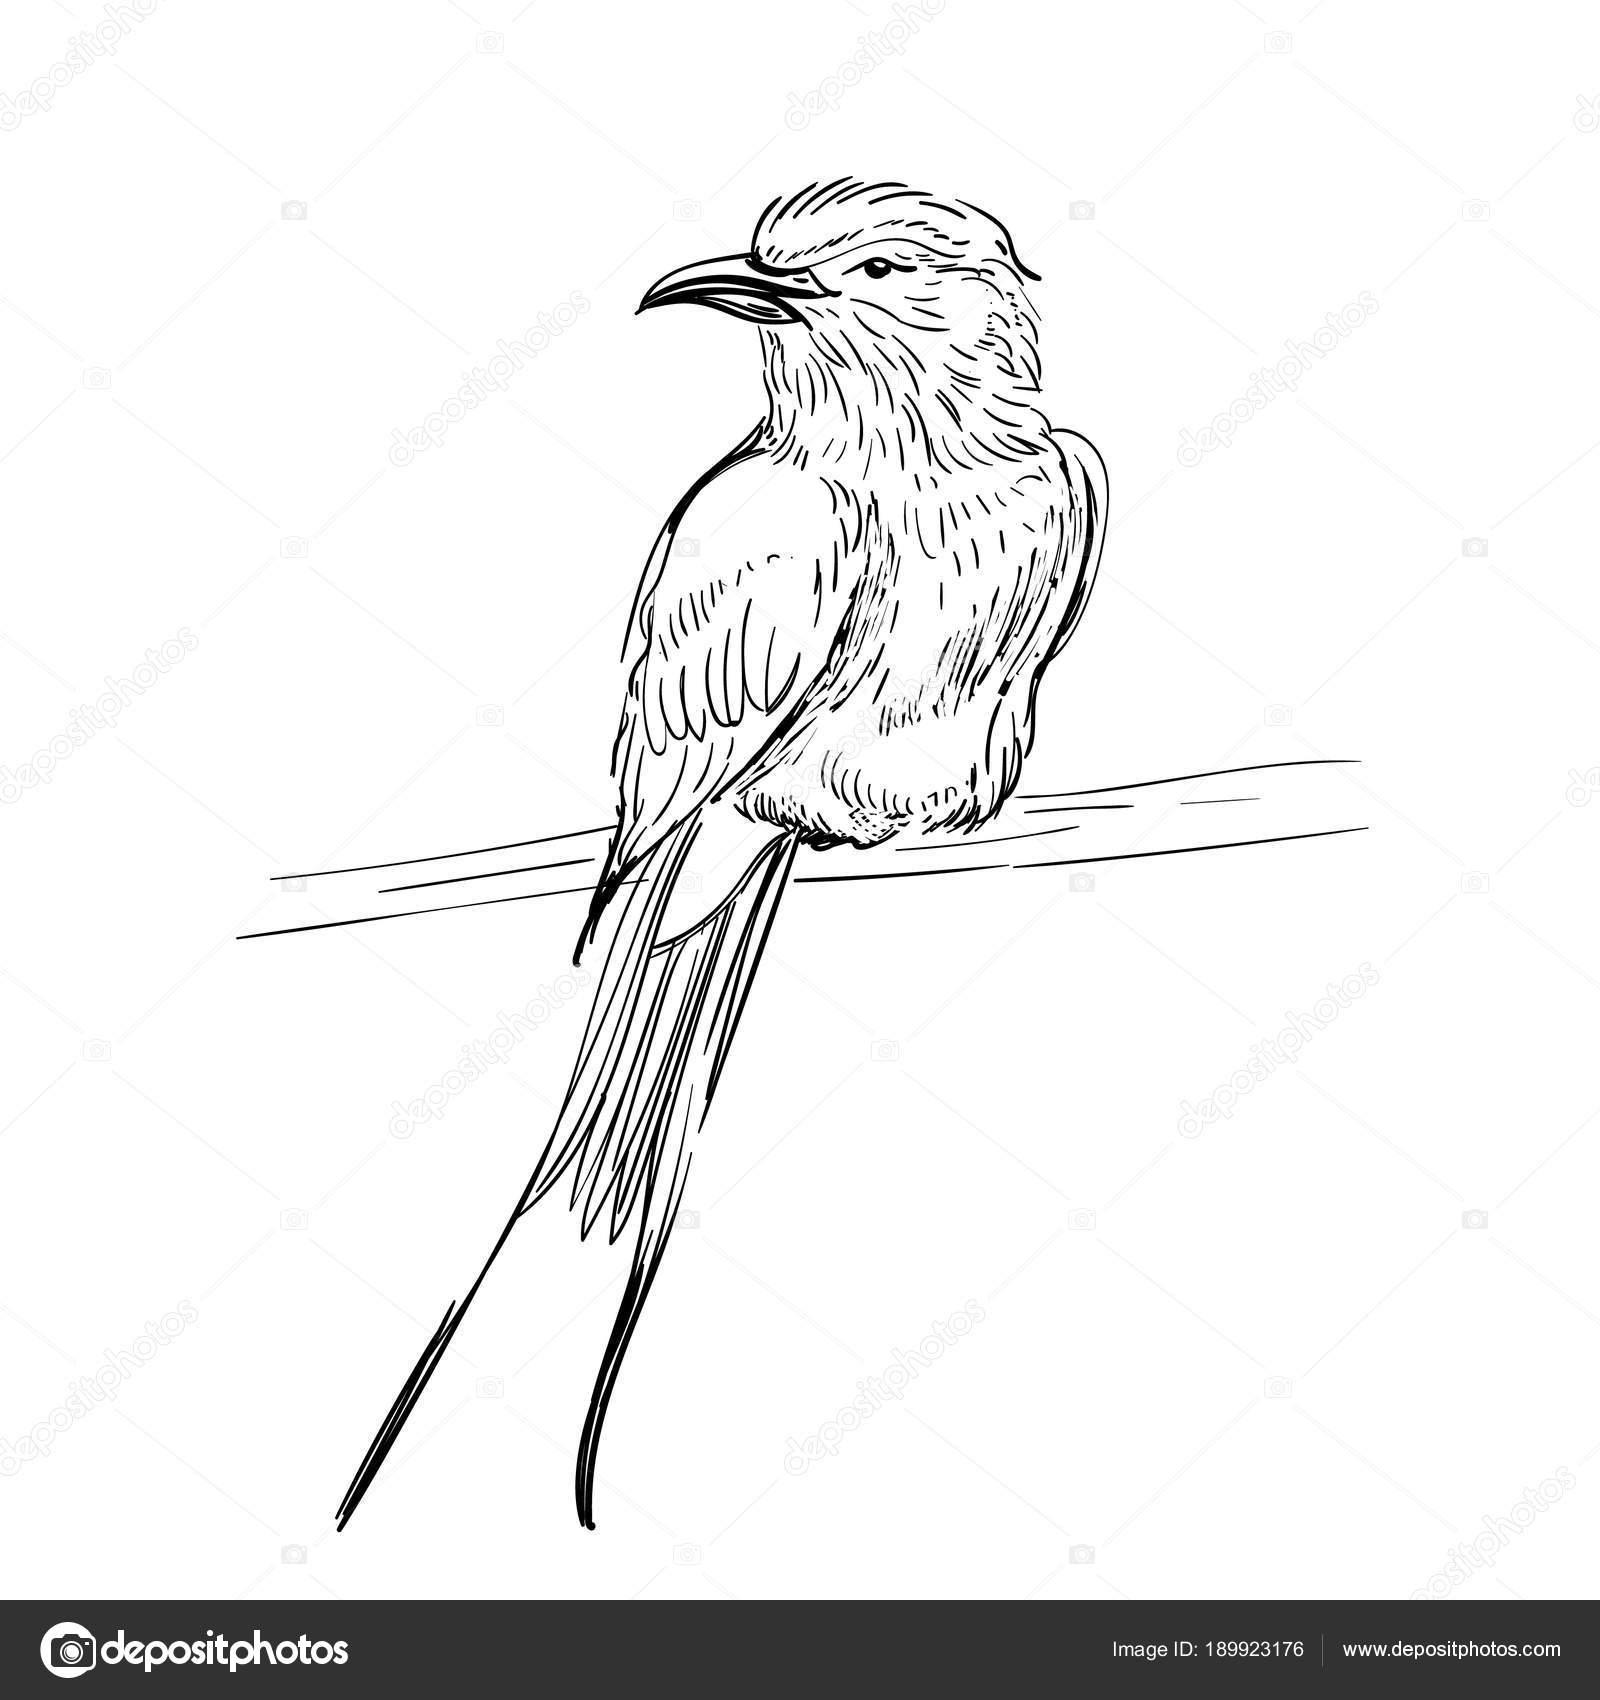 Handgezeichnete Vektor-Illustration. Skizzieren Sie Vögel. Tinte ...